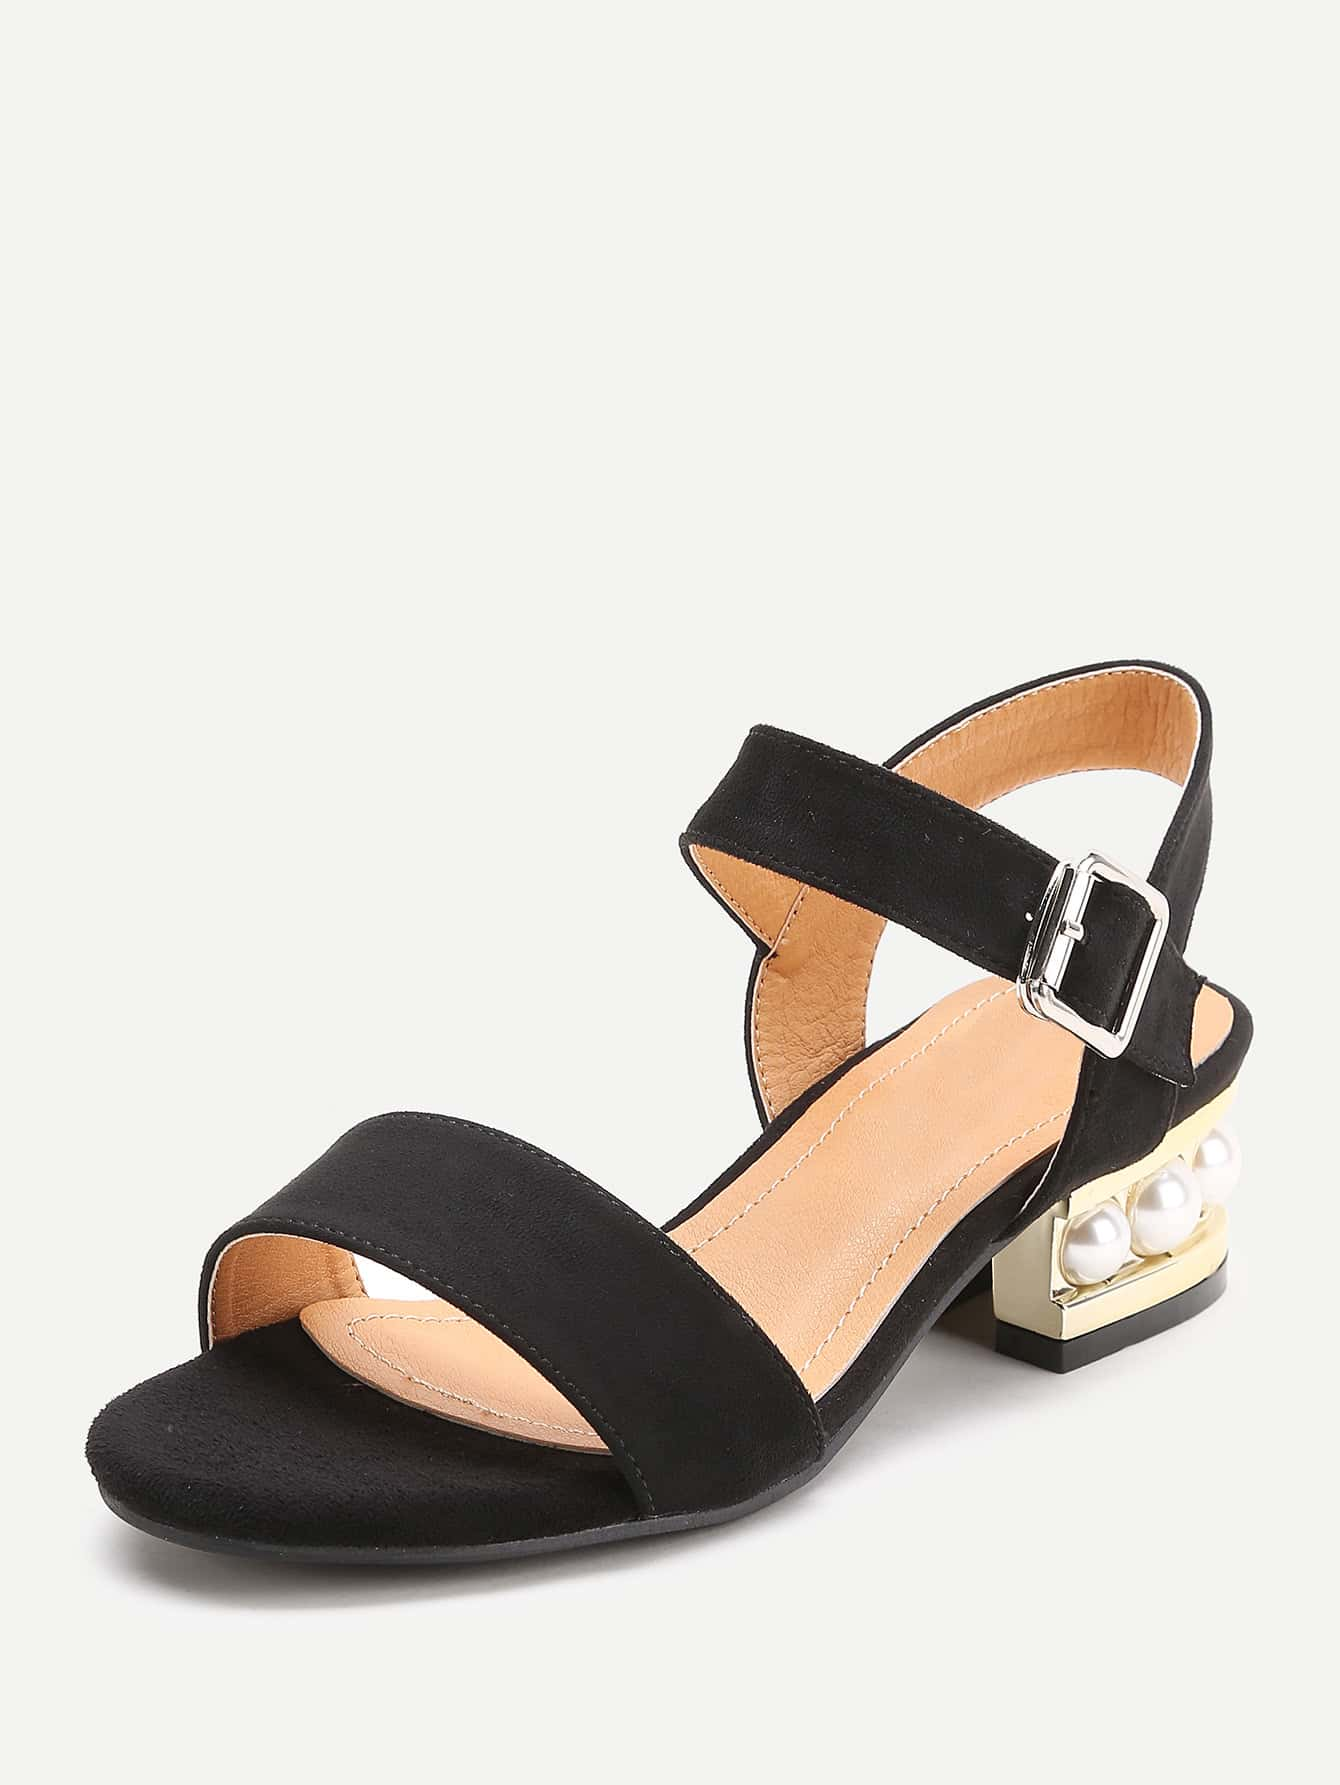 shoes170320808_2